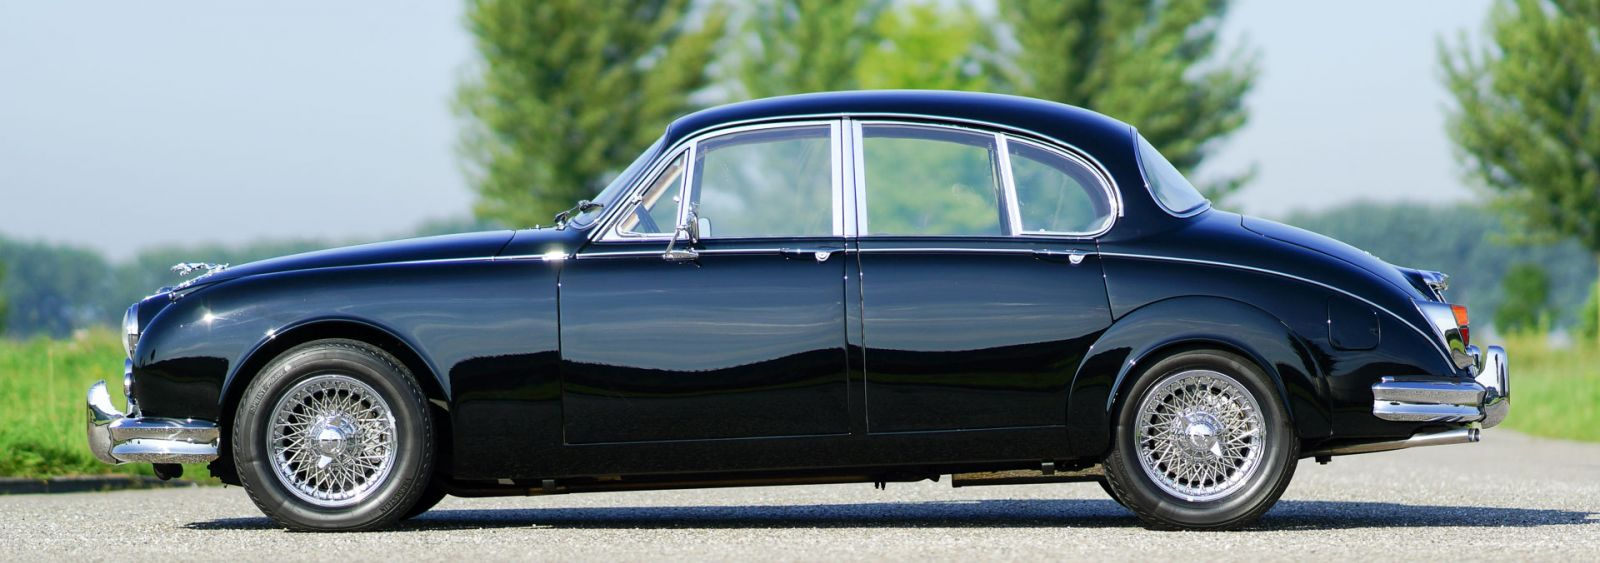 Jaguar Mk II 3.8 litre, 1967 - Welcome to ClassiCarGarage